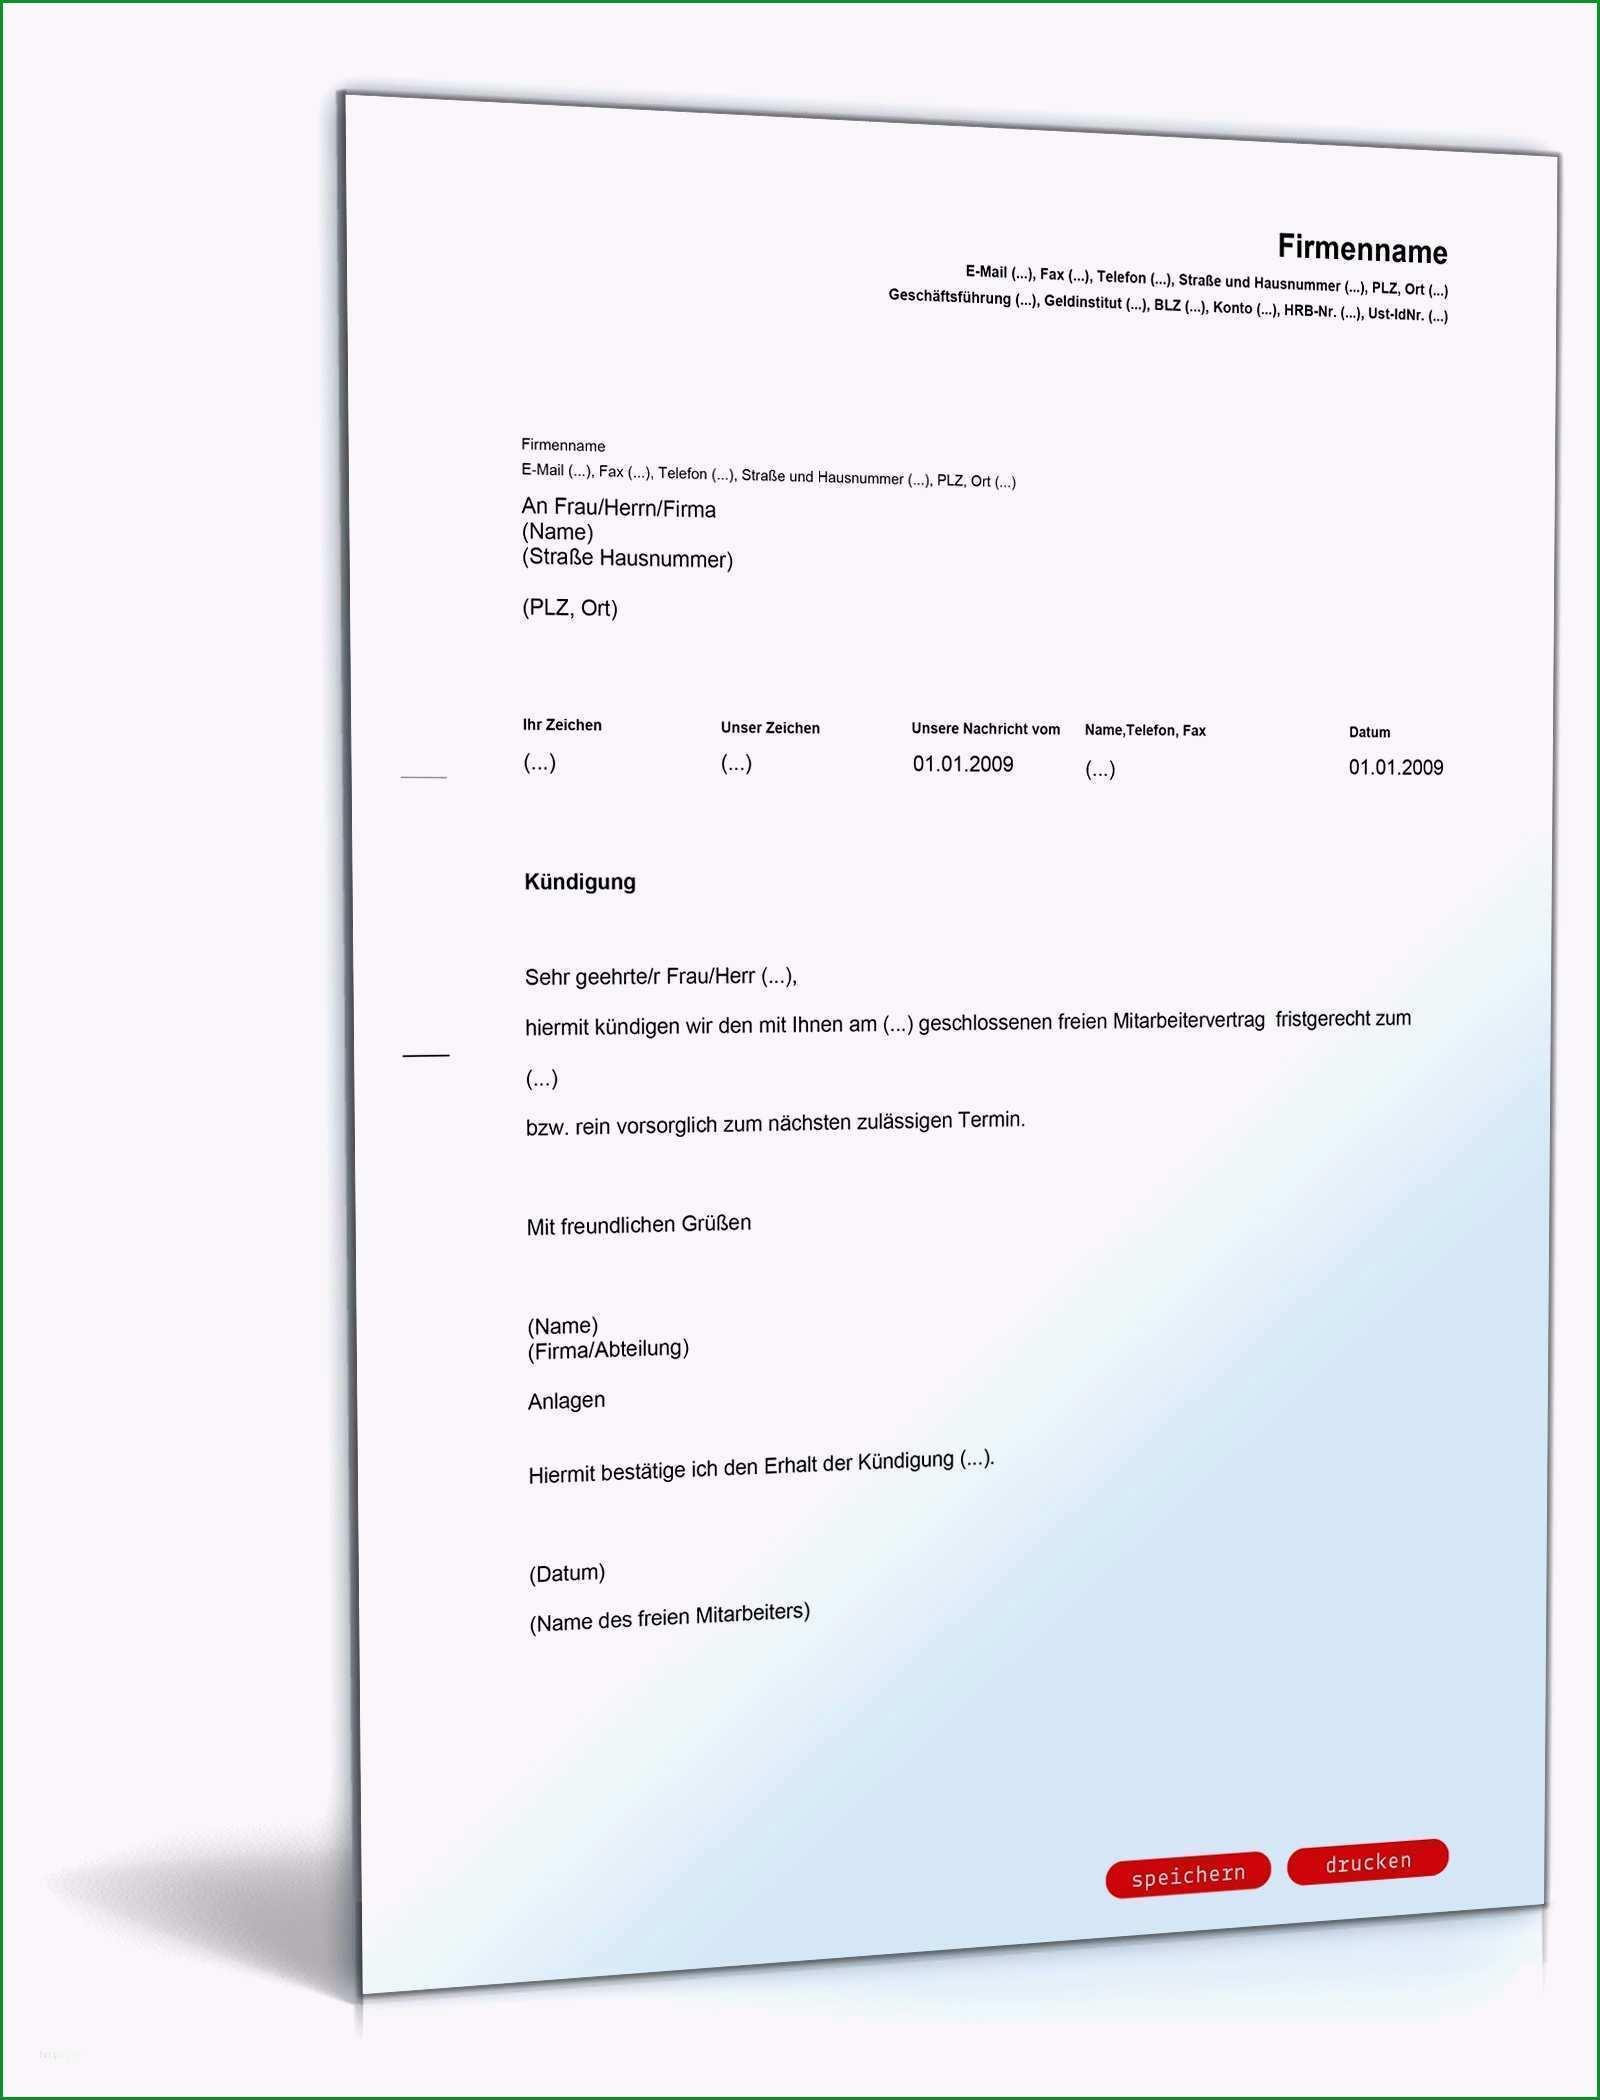 kundigungsschreiben vorlage verein genial muster kundigung mietvertrag auserordentlich kundigung